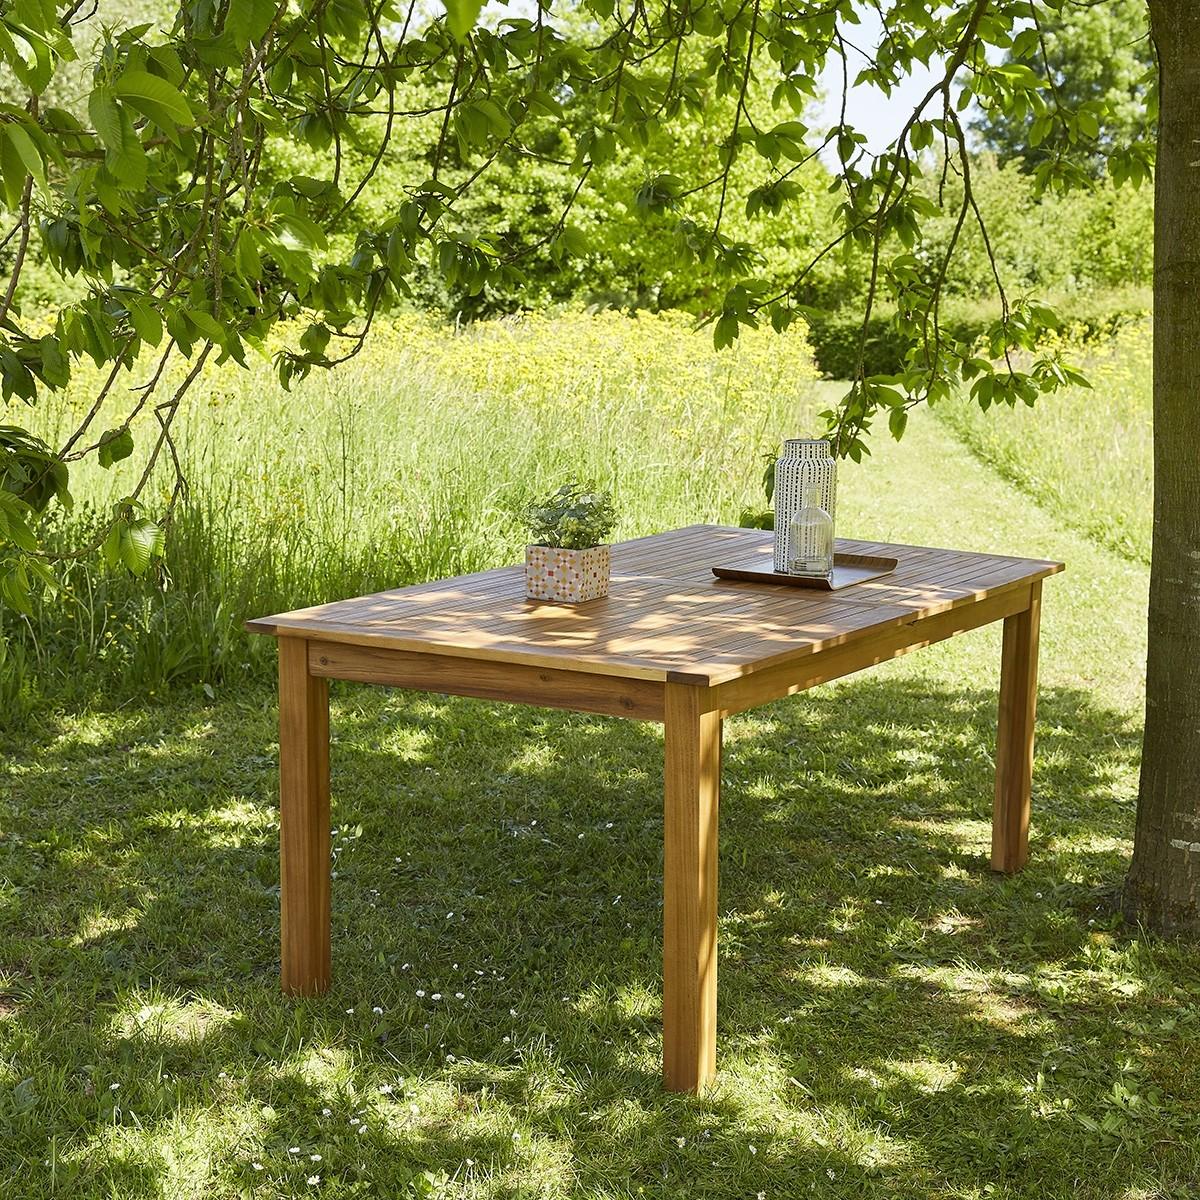 salon de jardin en bois d 39 acacia fsc extensible 8 10 places bois dessus bois dessous. Black Bedroom Furniture Sets. Home Design Ideas